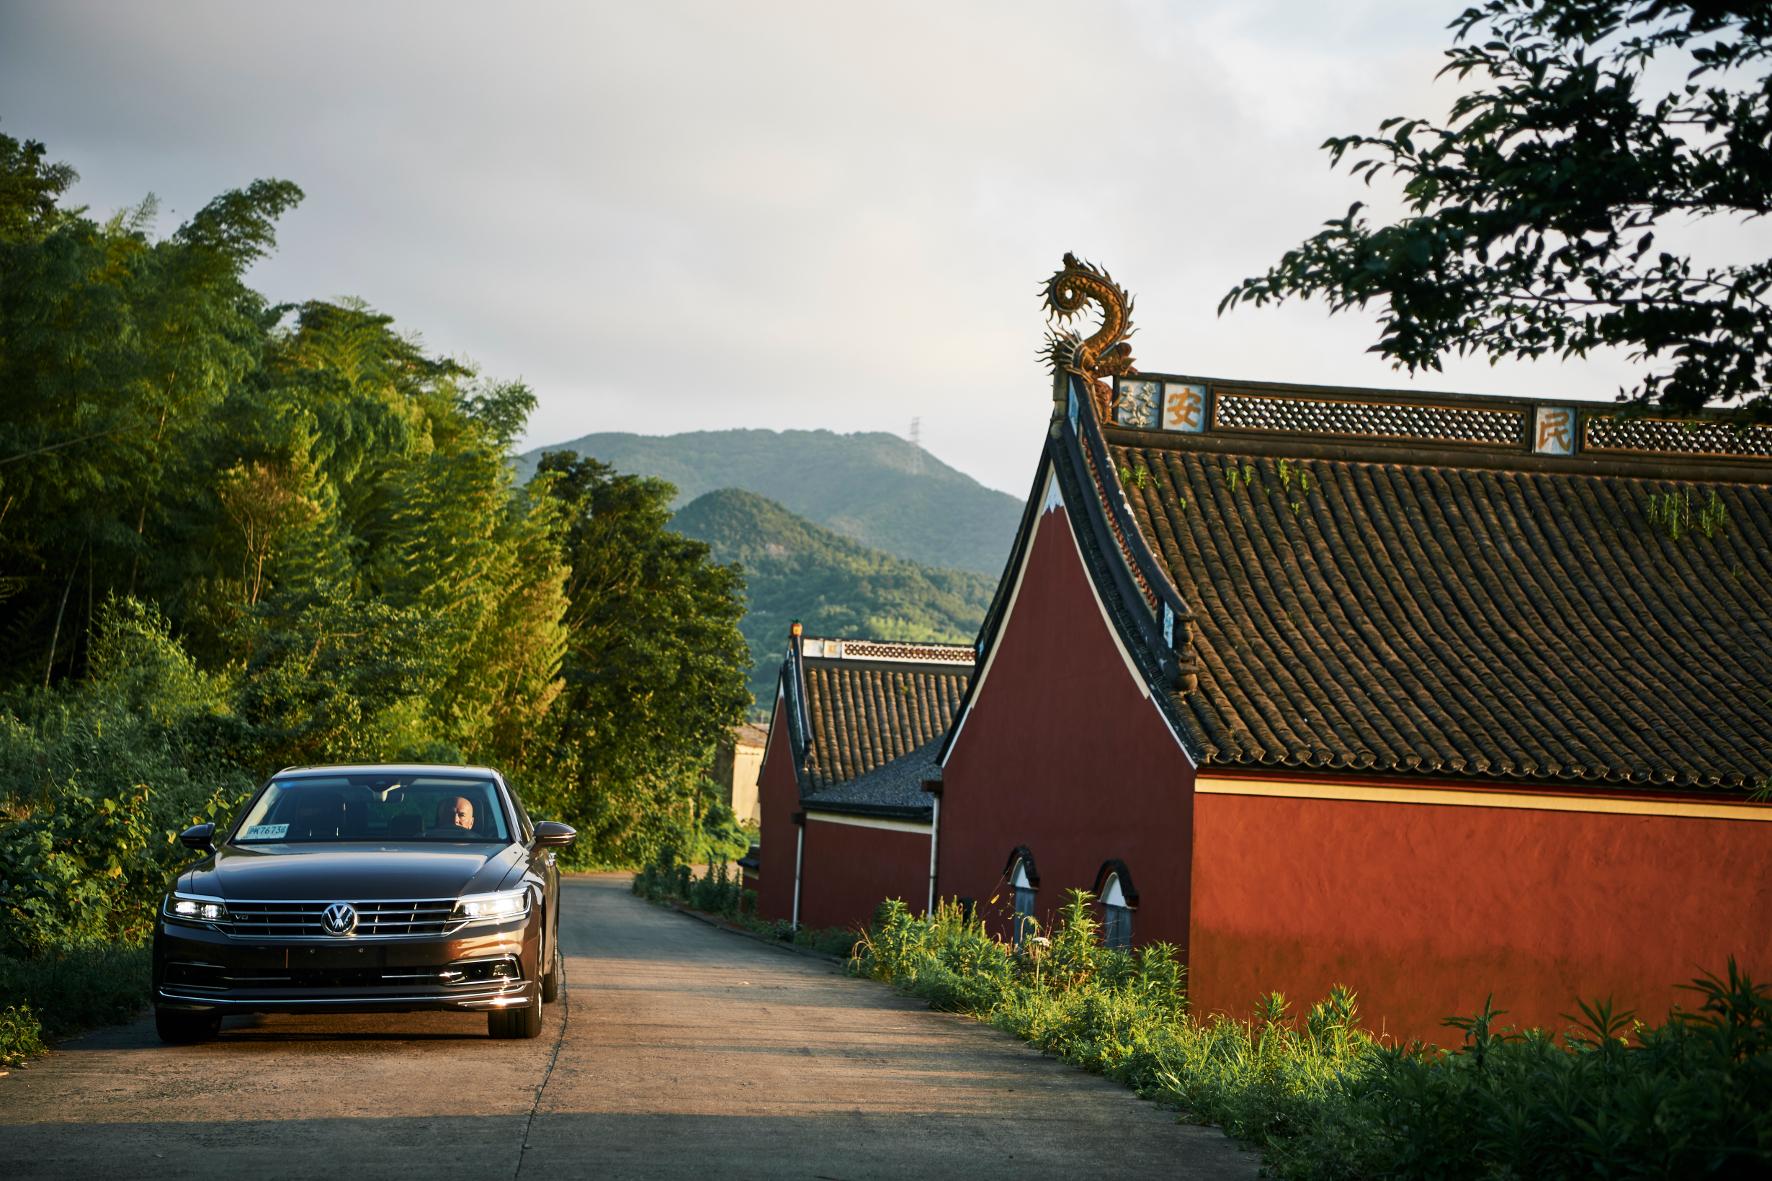 mid Shanghai - Da staunt der Drache: Im Reich der Mitte ist der Nachfolger des VW Phaeton schon unterwegs. Die Oberklasse-Limousine Phideon wird vorerst nur auf dem chinesischen Markt verkauft.